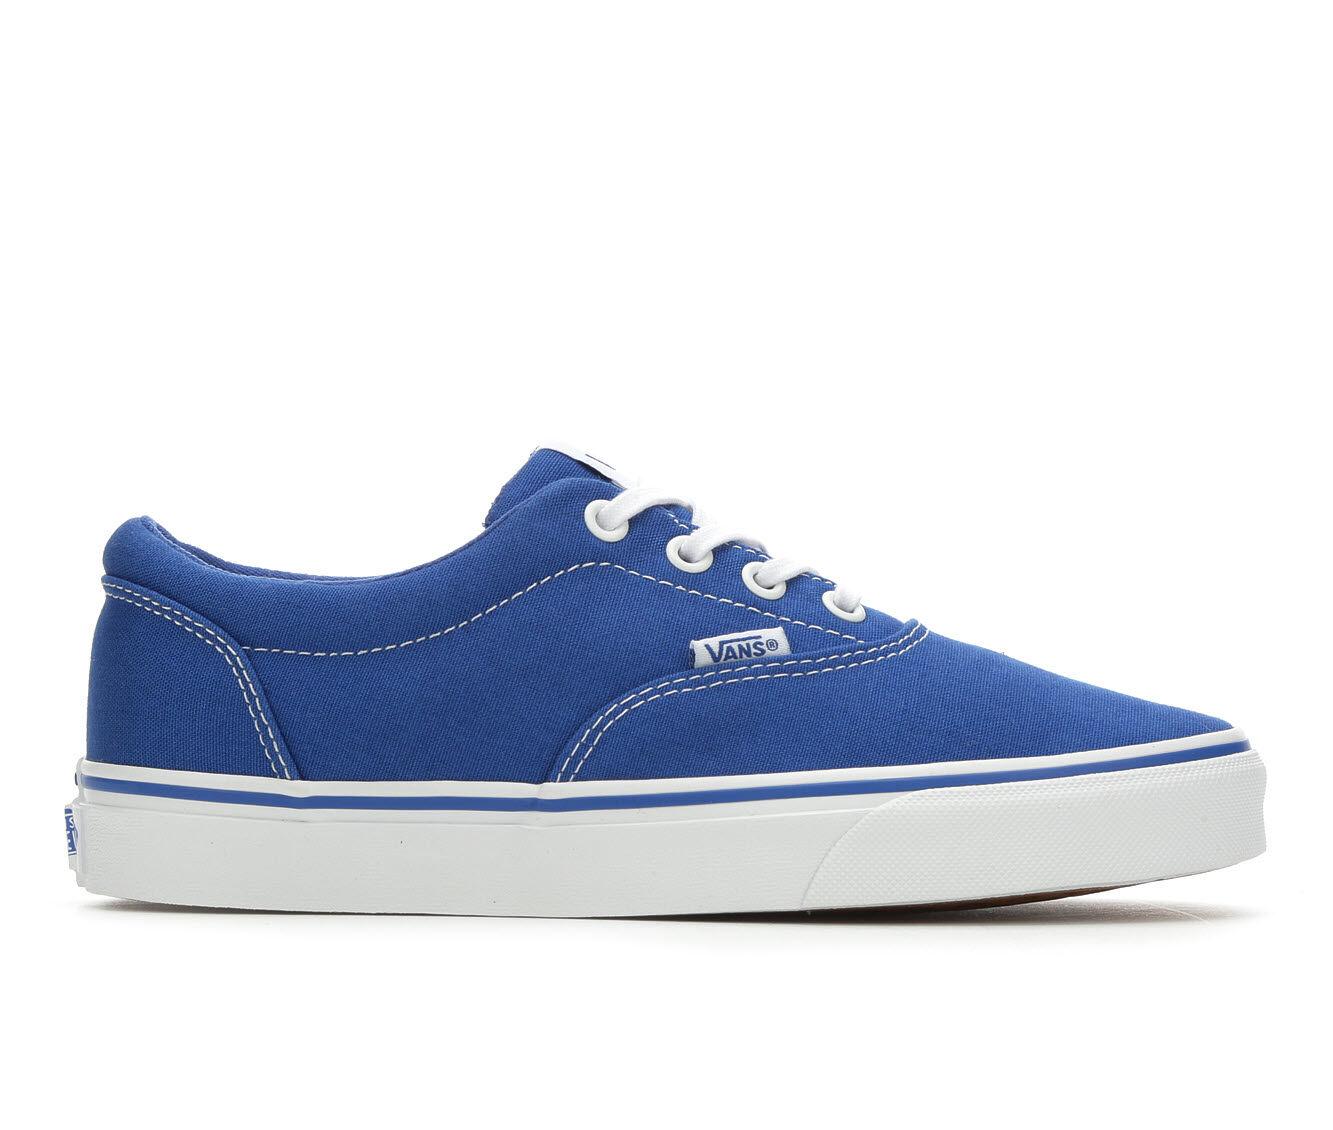 authentic Women's Vans Doheny Skate Shoes Lapis Blue